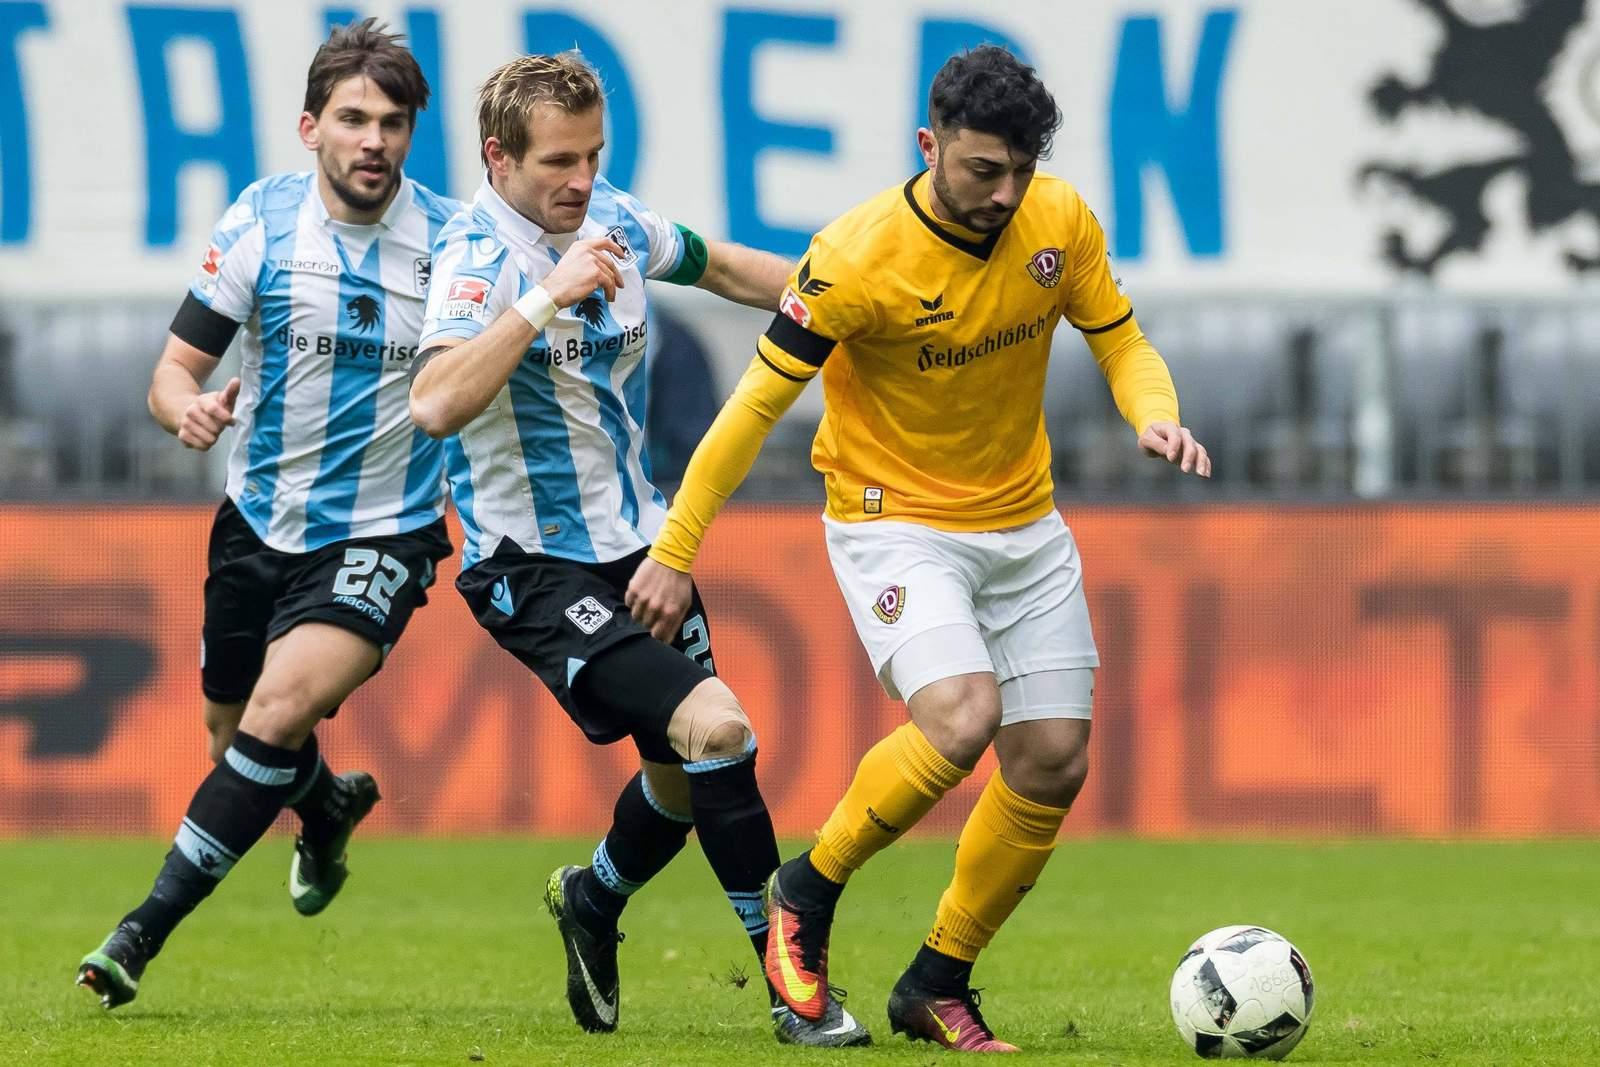 Setzt sich Aigner gegen Aosman durch? Jetzt auf Dynamo Dresden gegen 1860 München wetten